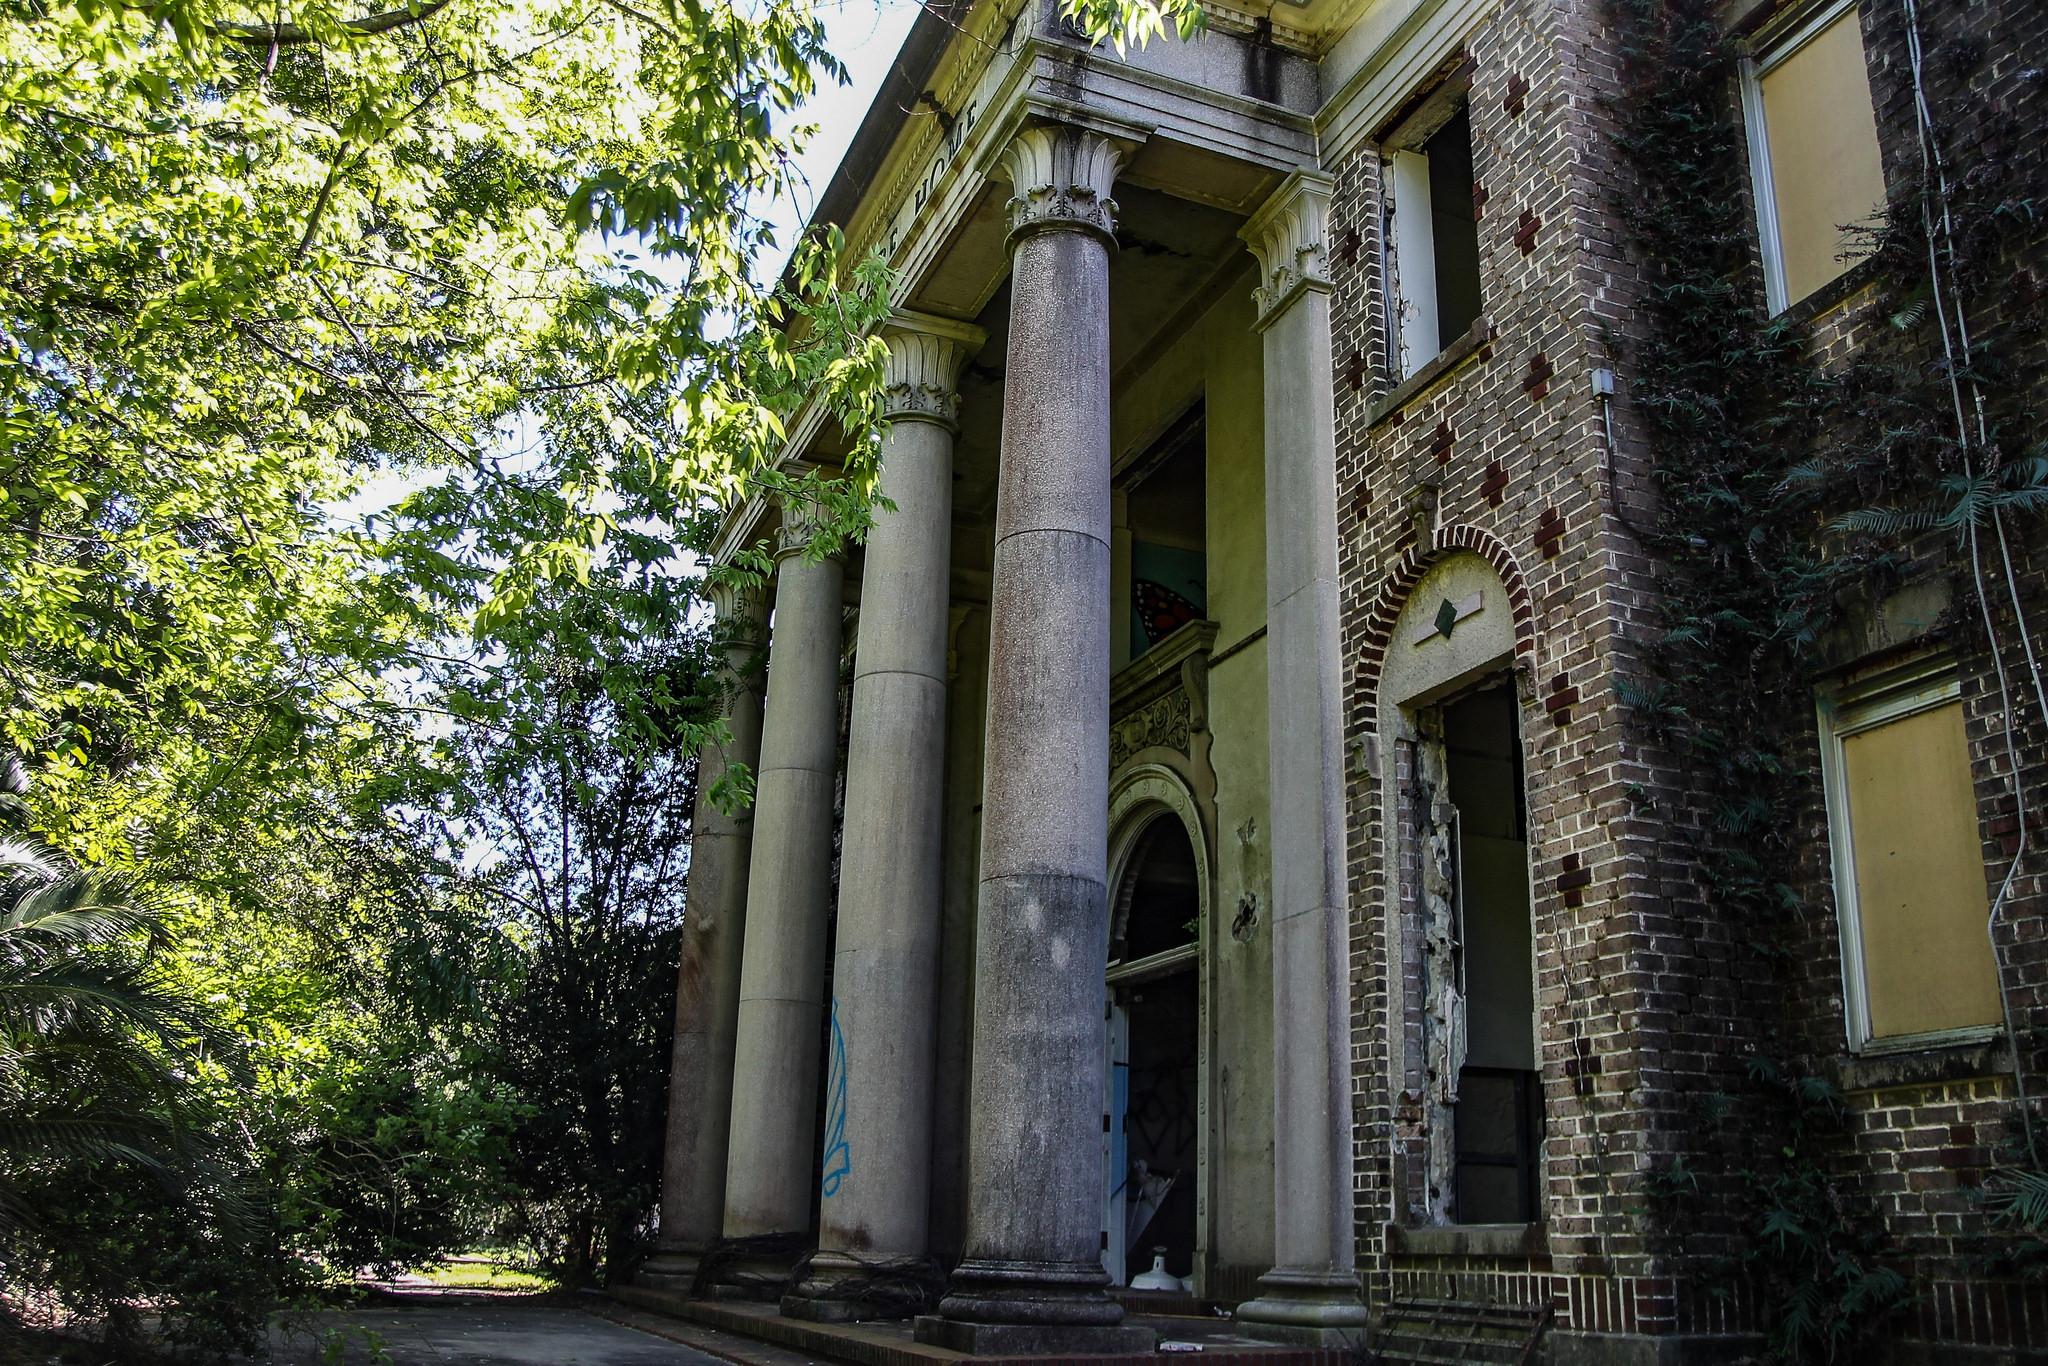 Touro-Shakspeare Home